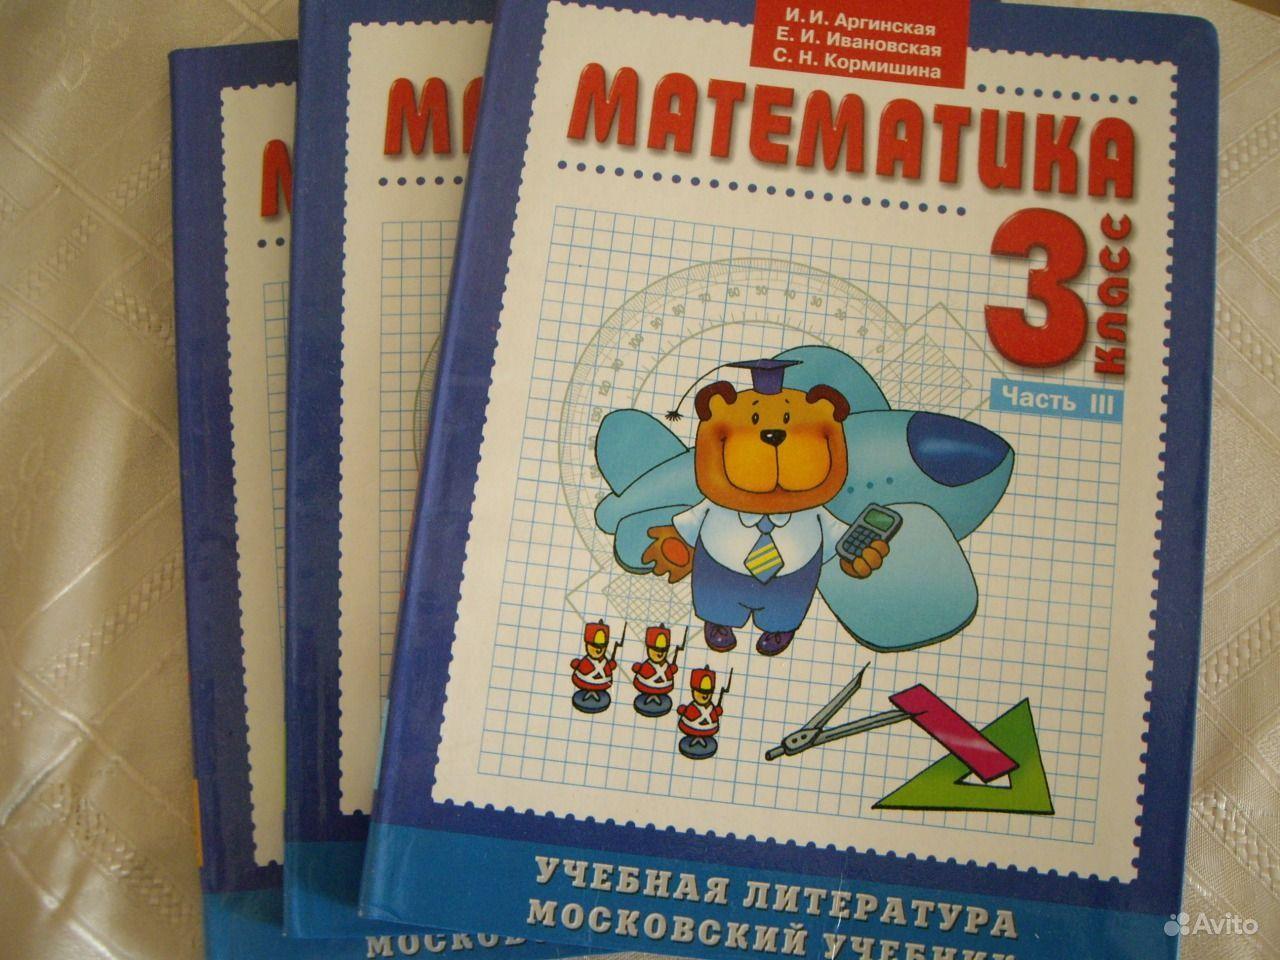 Решебник по математике 3 класс и.и.аргинская е.и.ивановская с.н.кормишина